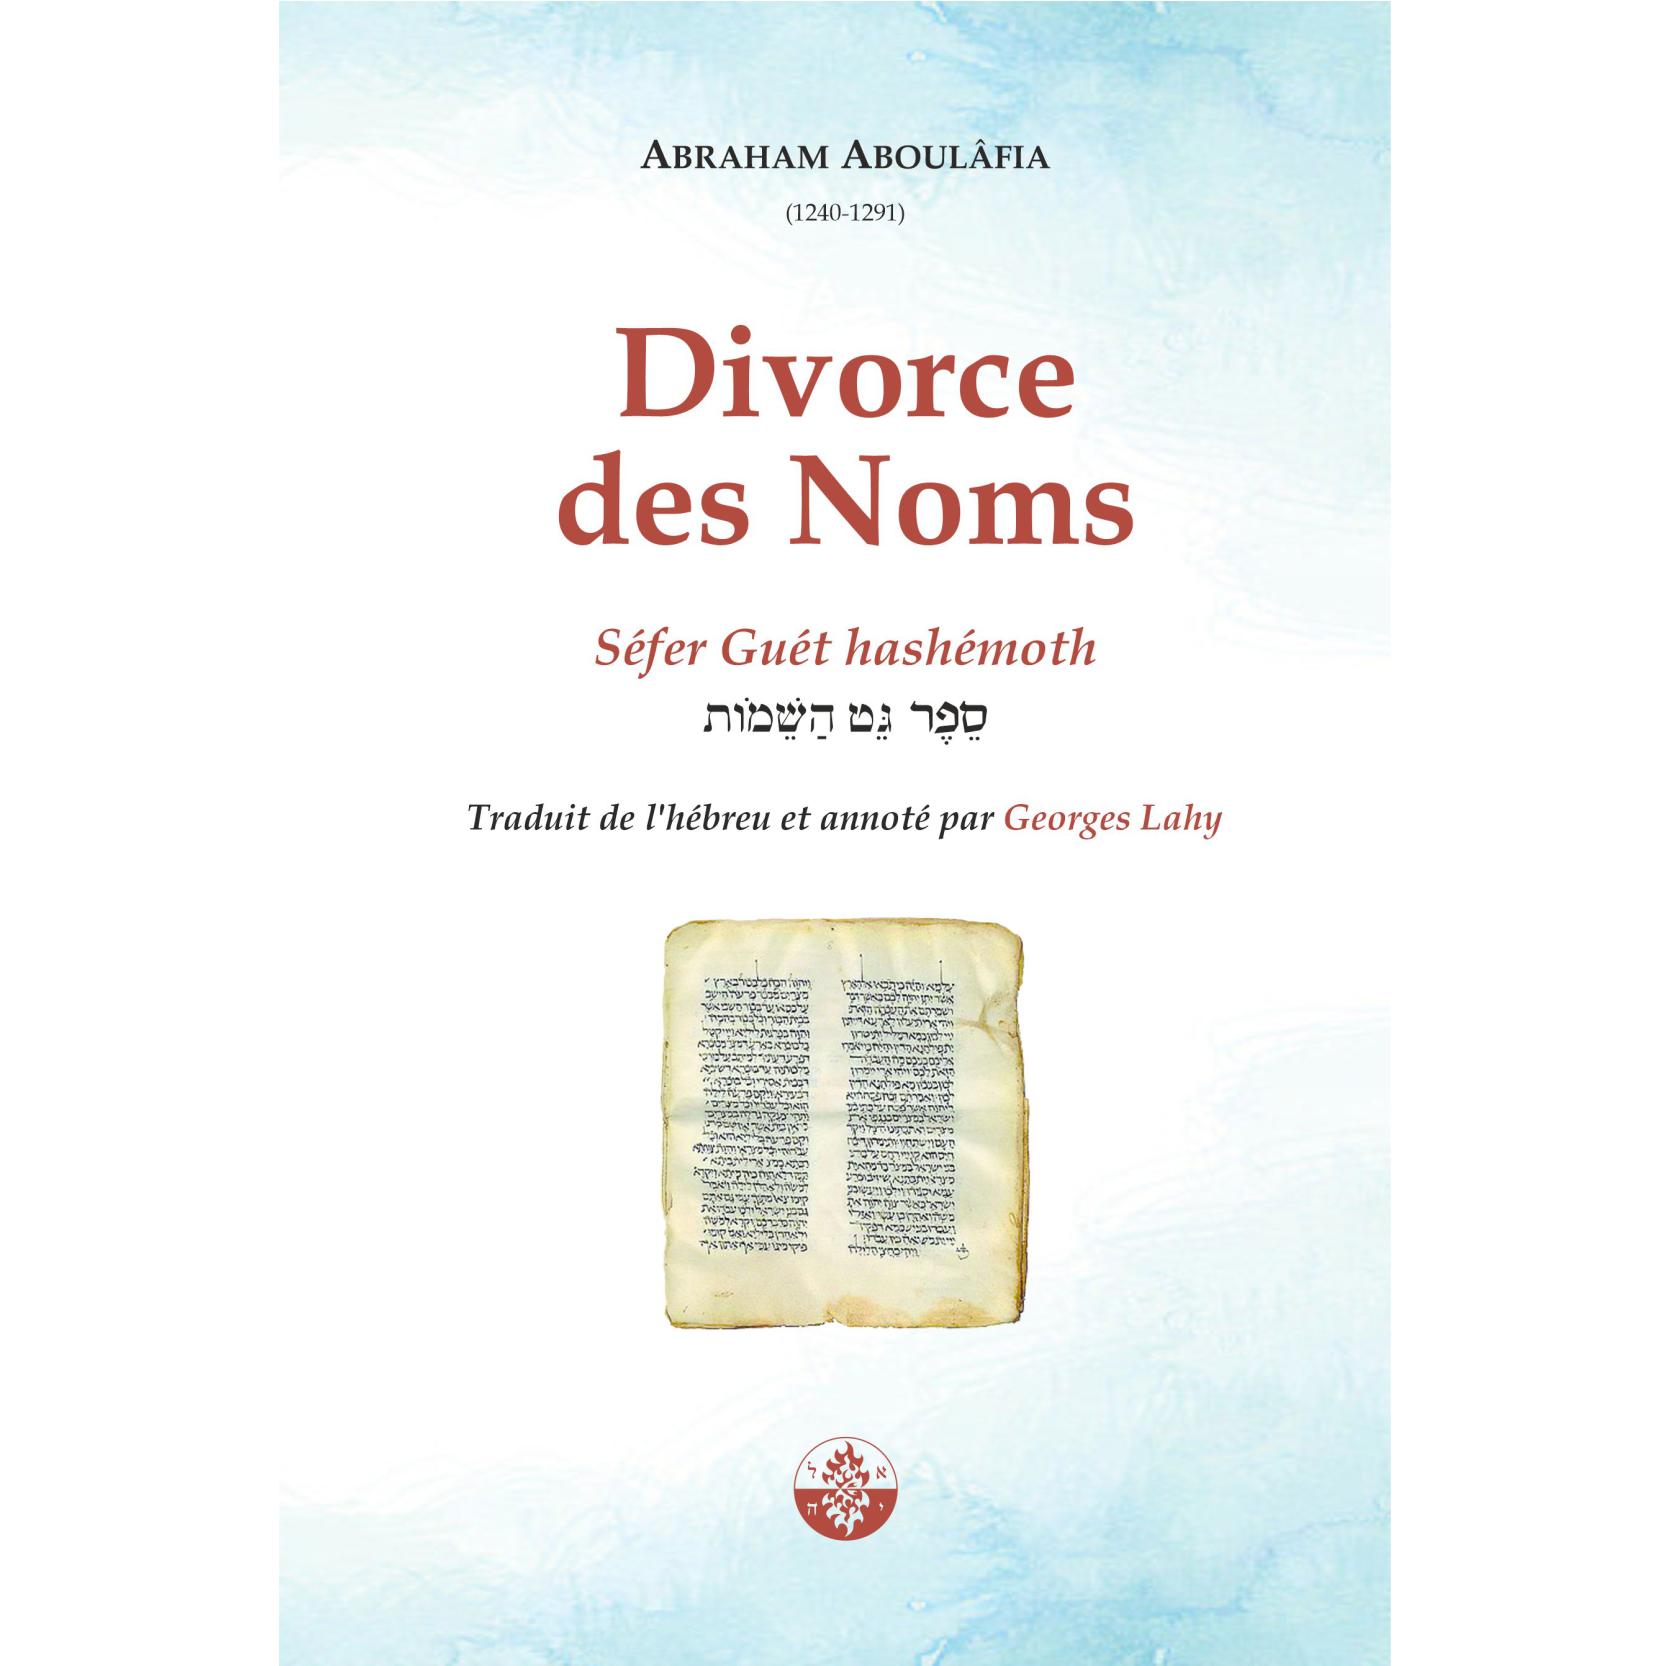 Divorce des noms